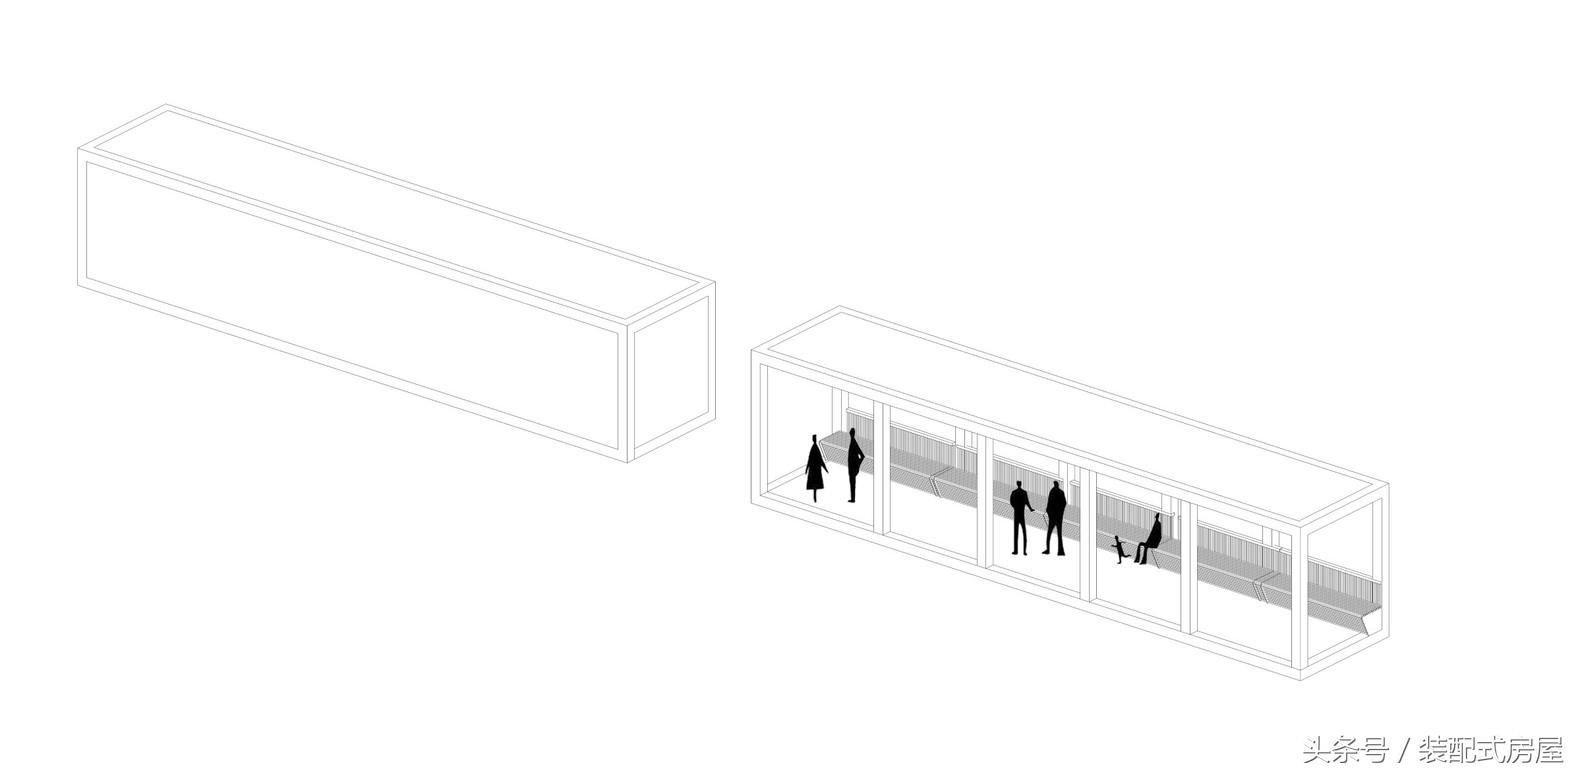 集装箱建筑模块化,组成集装箱悬崖餐厅